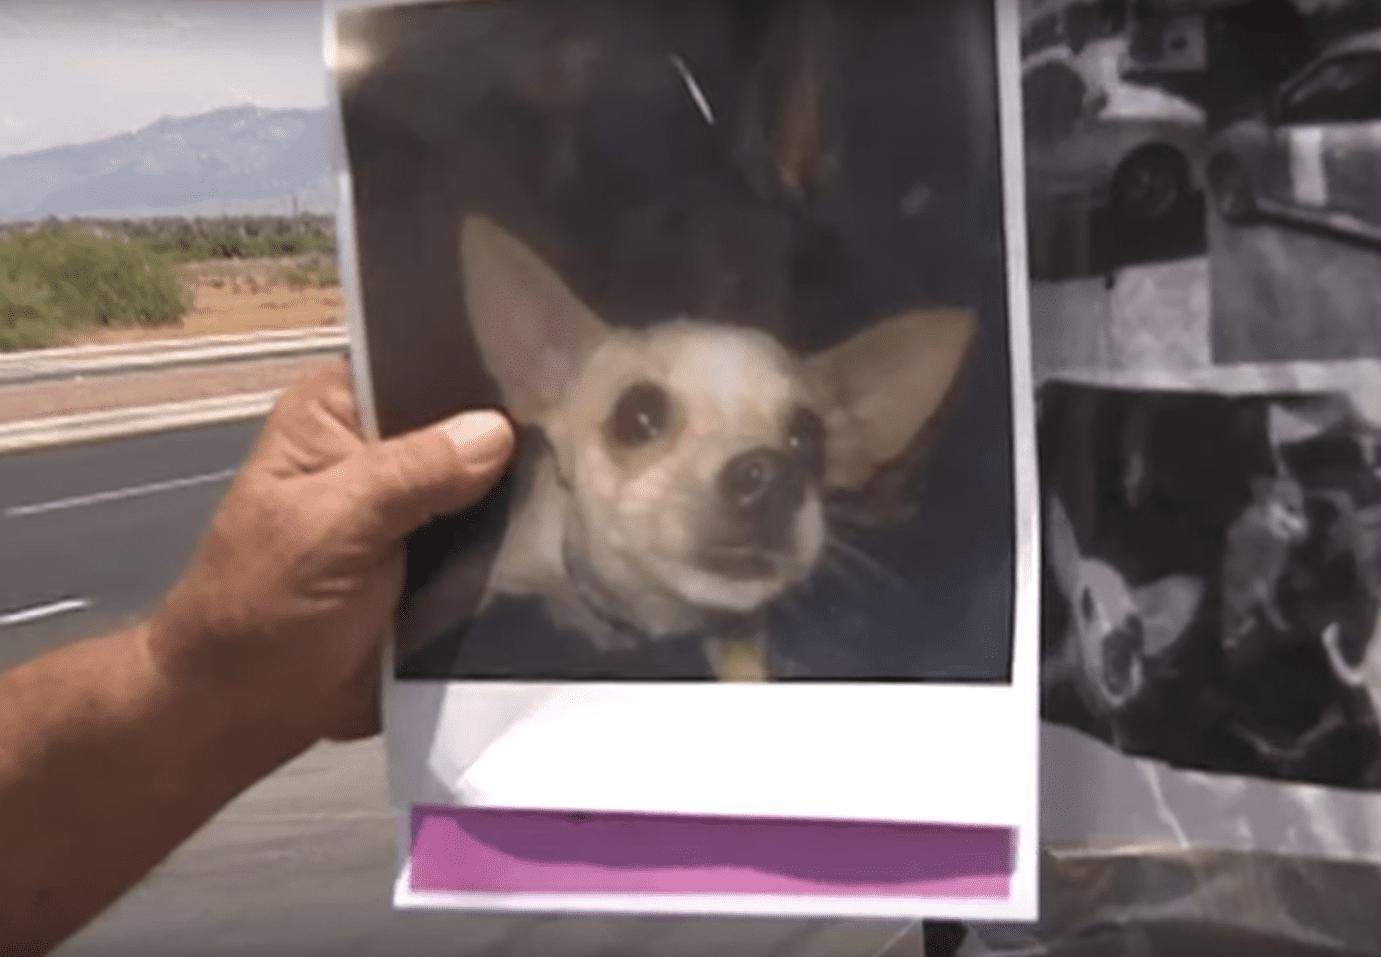 Eddie Collins de Tucson tenant une photo de son chien Jenny. Source: YouTube | News 4 Tucson KVOA-TV